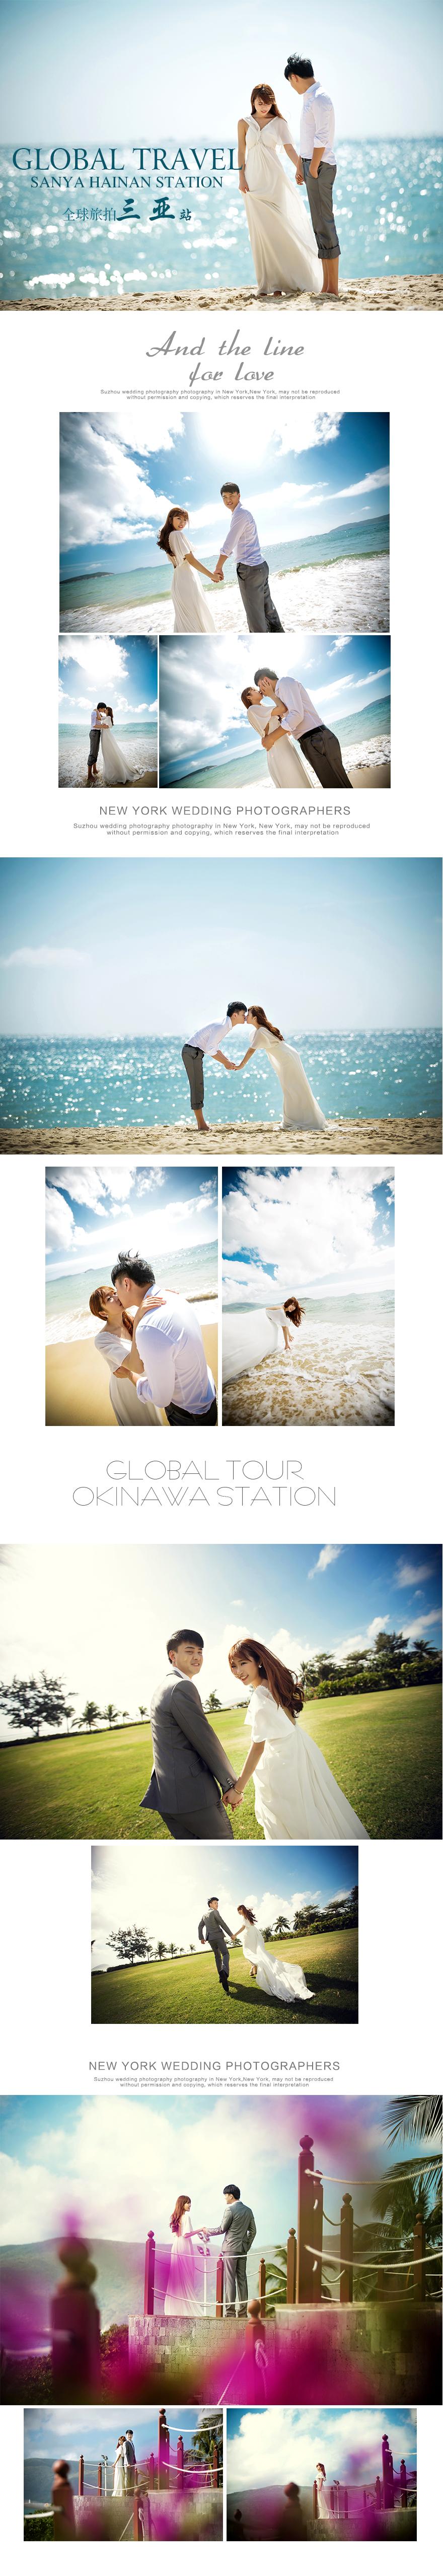 全球旅拍—三亚站婚纱摄影照